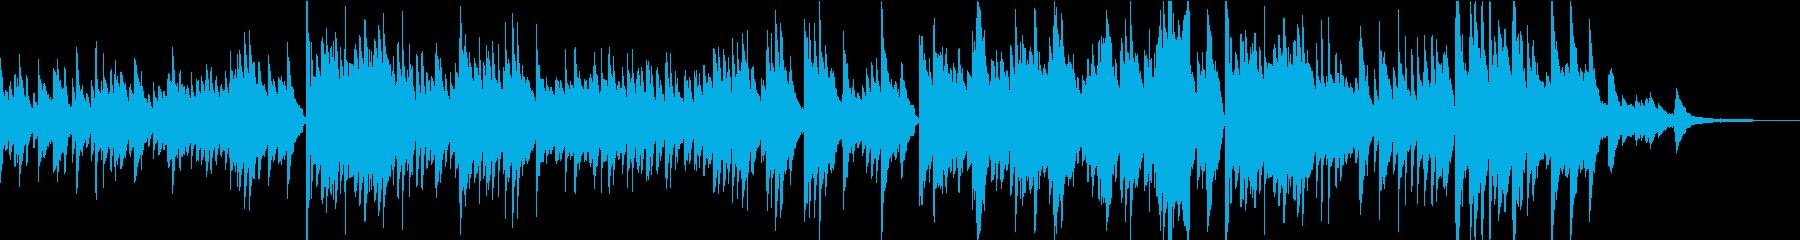 感動的で前向きなピアノ独奏曲の再生済みの波形